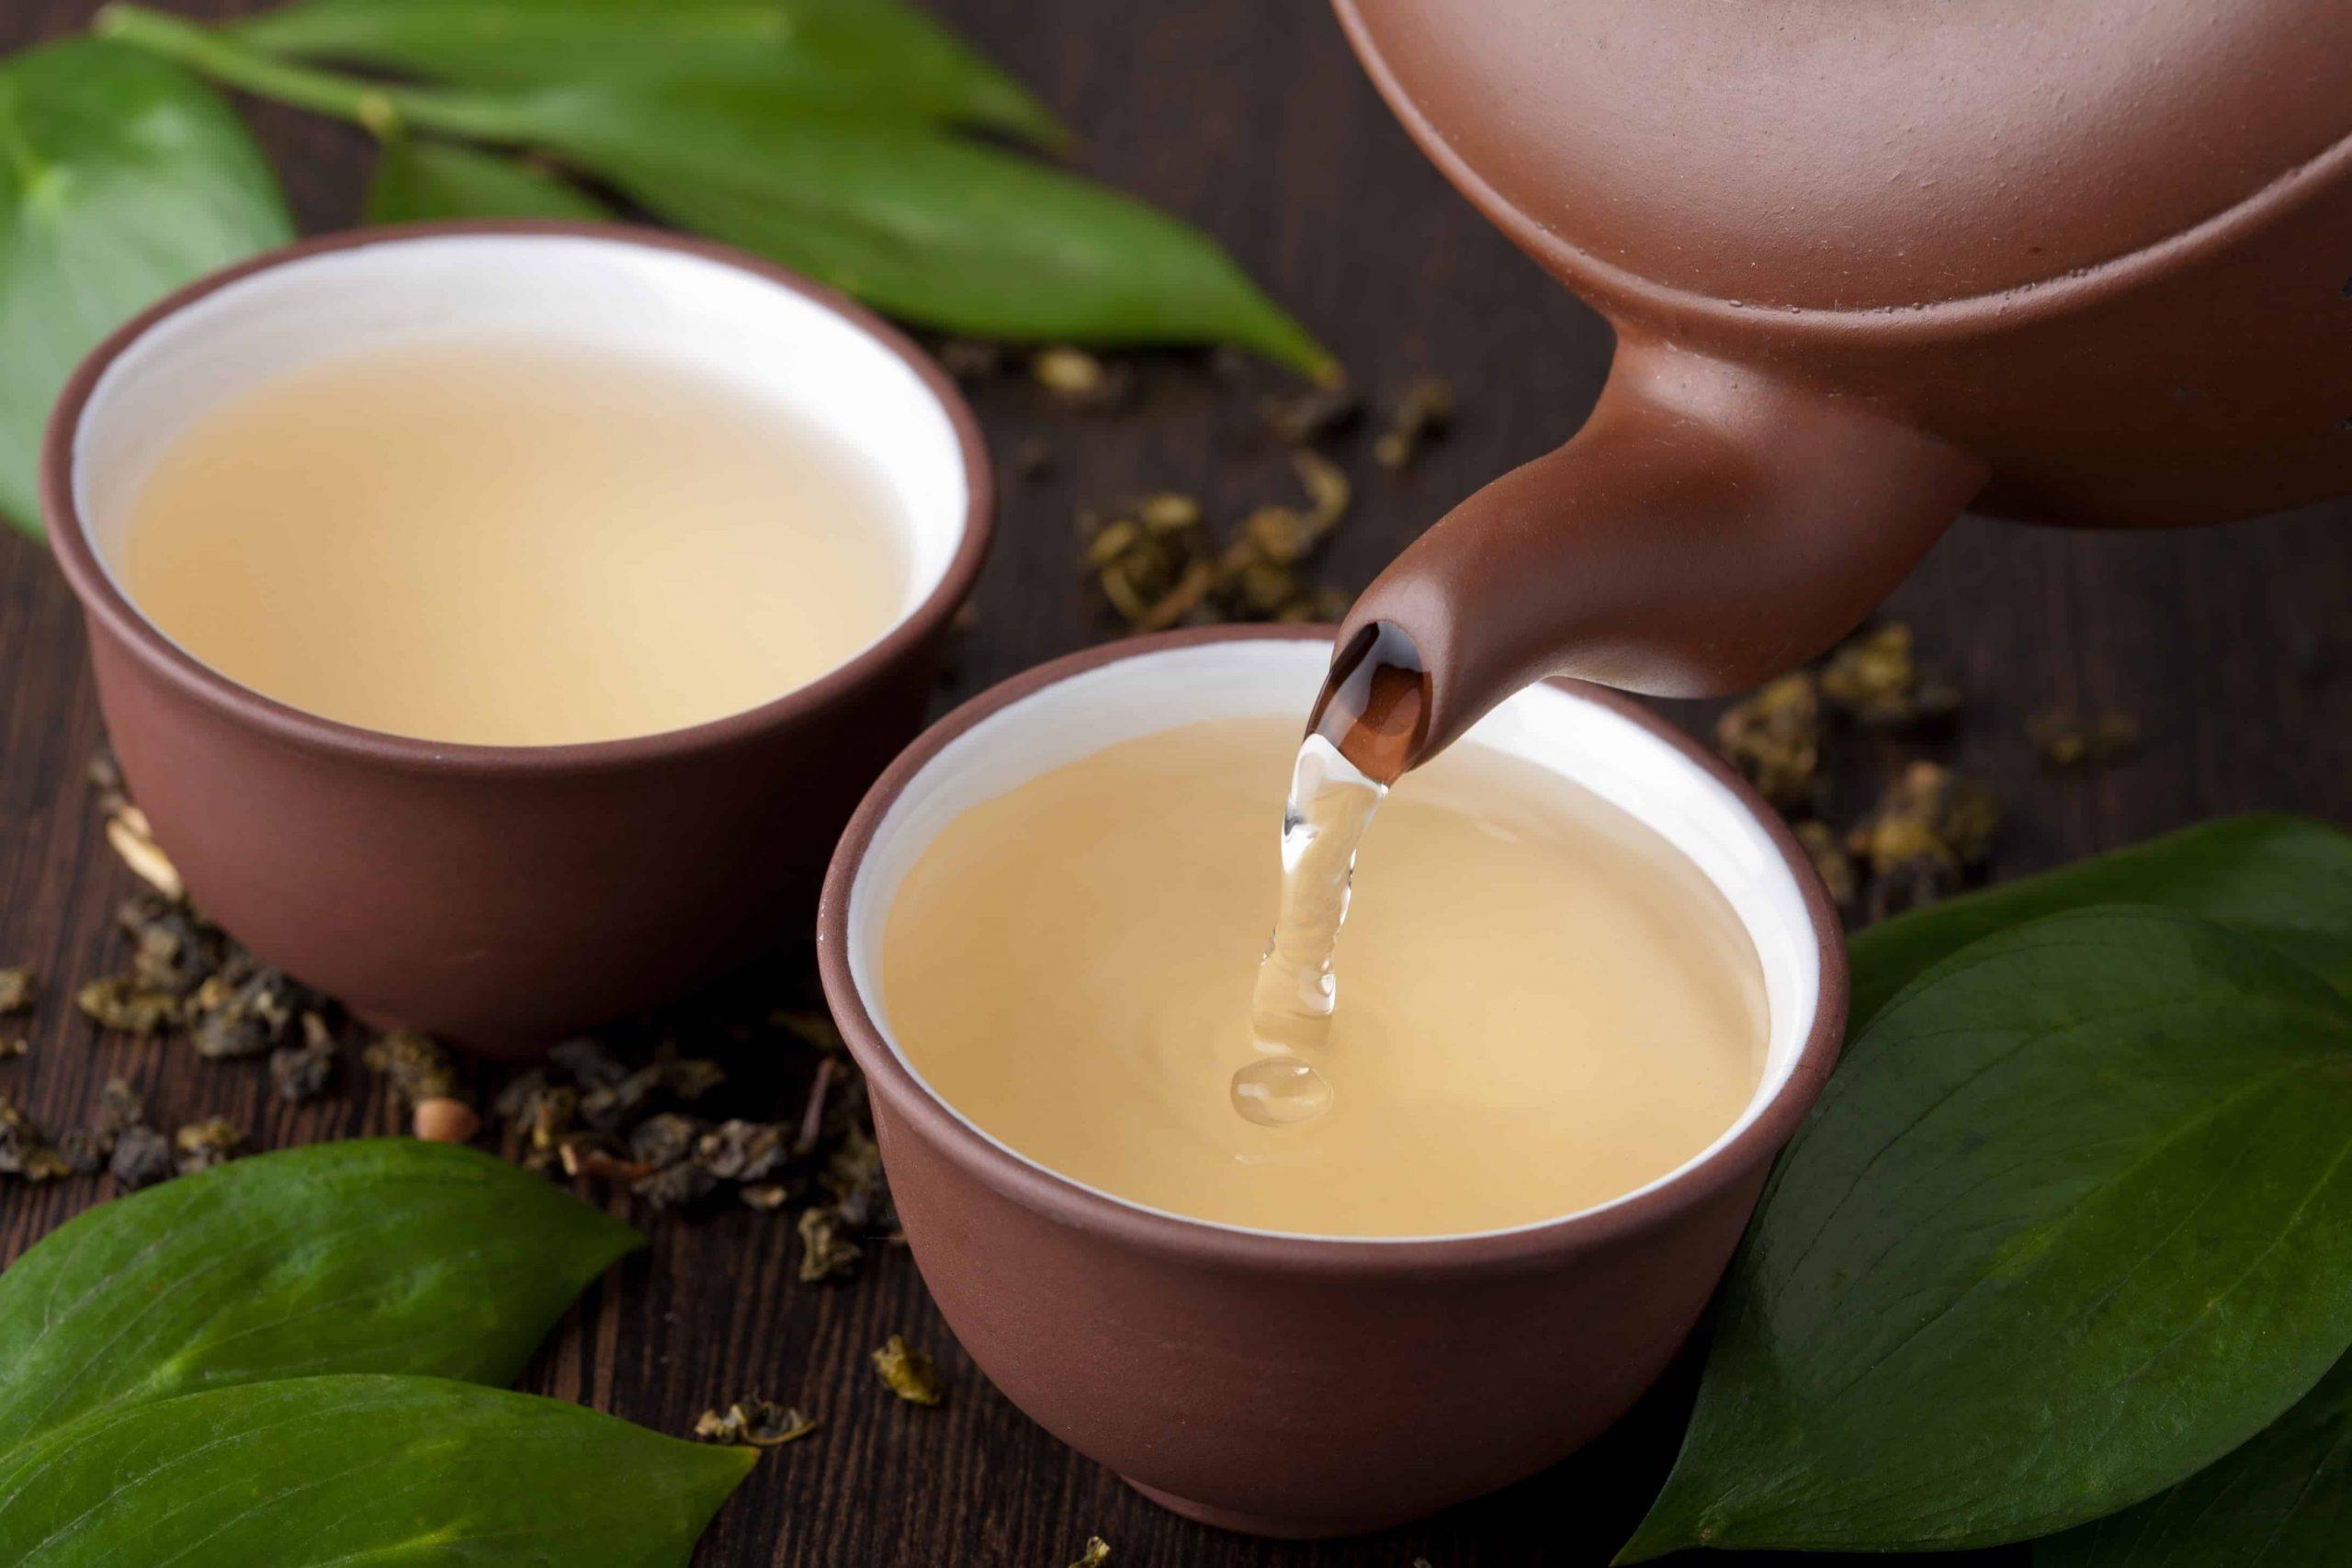 Juegos de tazas de té: ¿Cuál es el mejor del 2020?